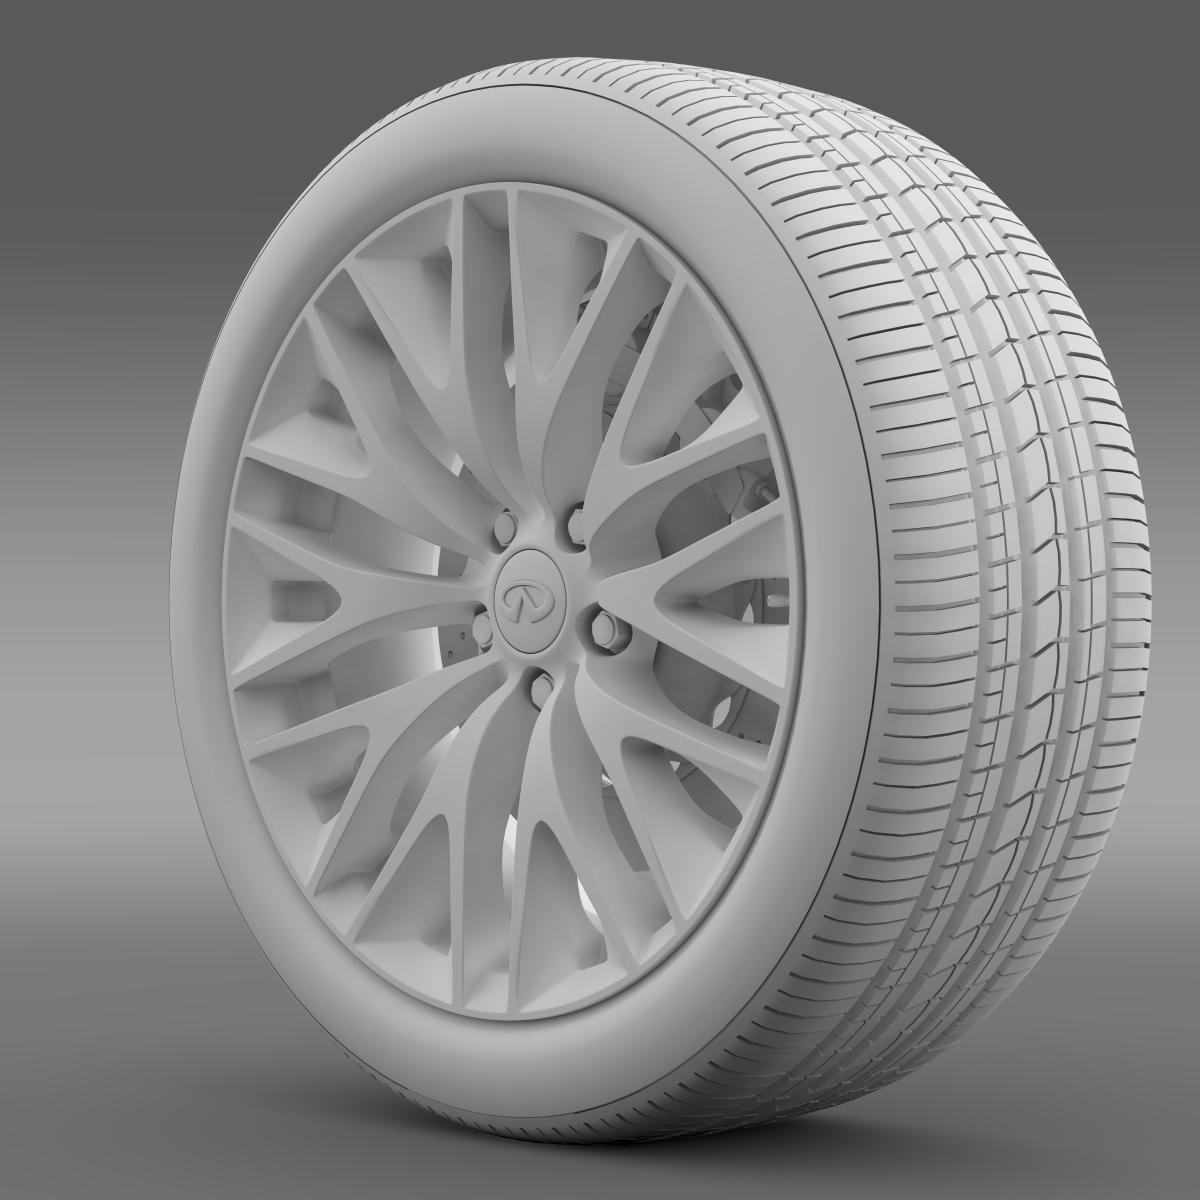 infinity ml wheel 3d model 3ds max fbx c4d lwo ma mb hrc xsi obj 210703